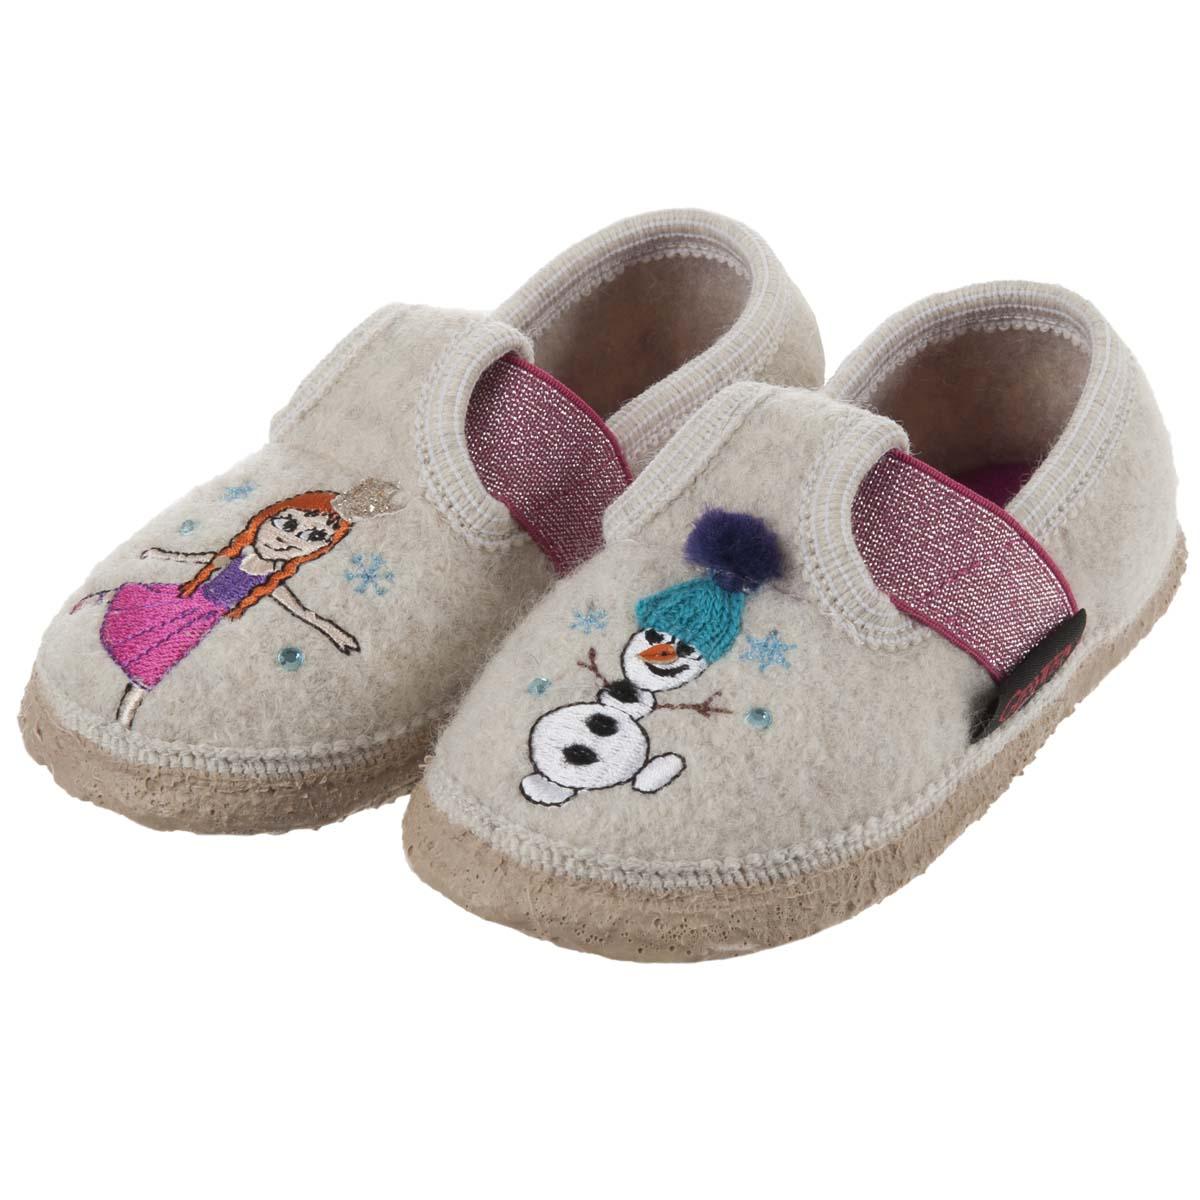 immagini dettagliate 100% autenticato speciale per scarpa Pantofole per bambina modello TREBEL firmate GIESSWEIN